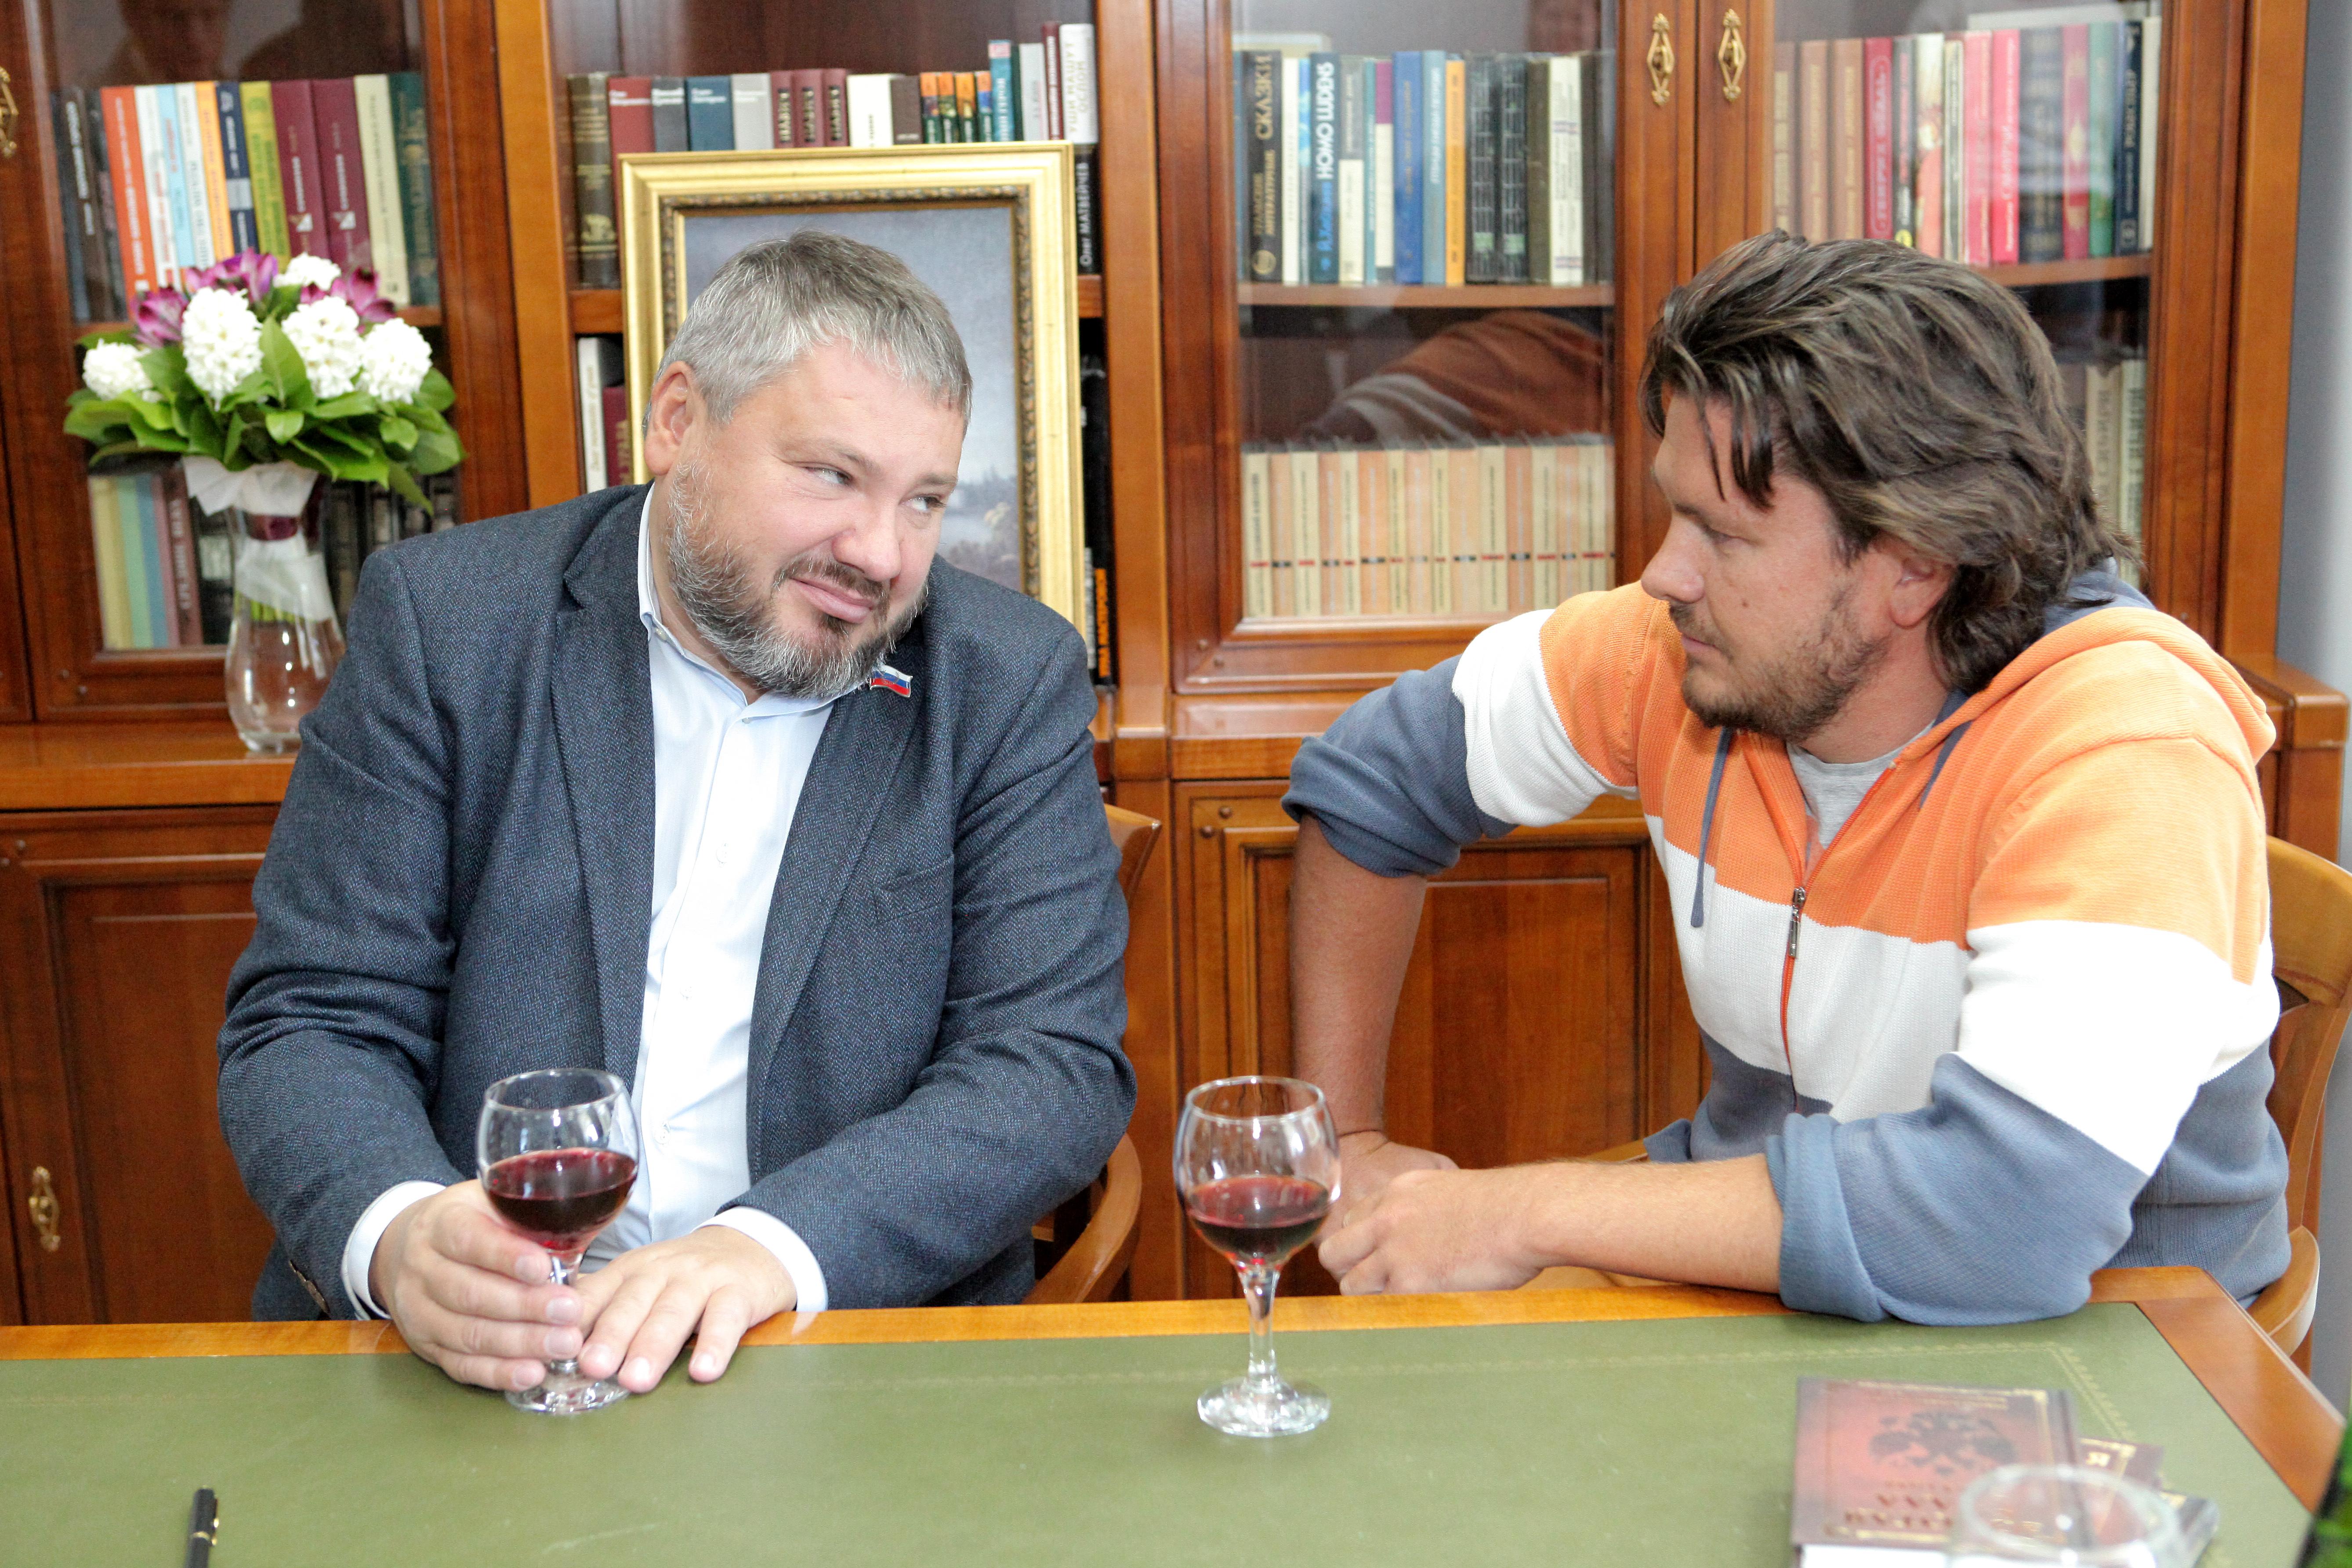 Антон Баков написал свой план развития христианского мира. Но не России